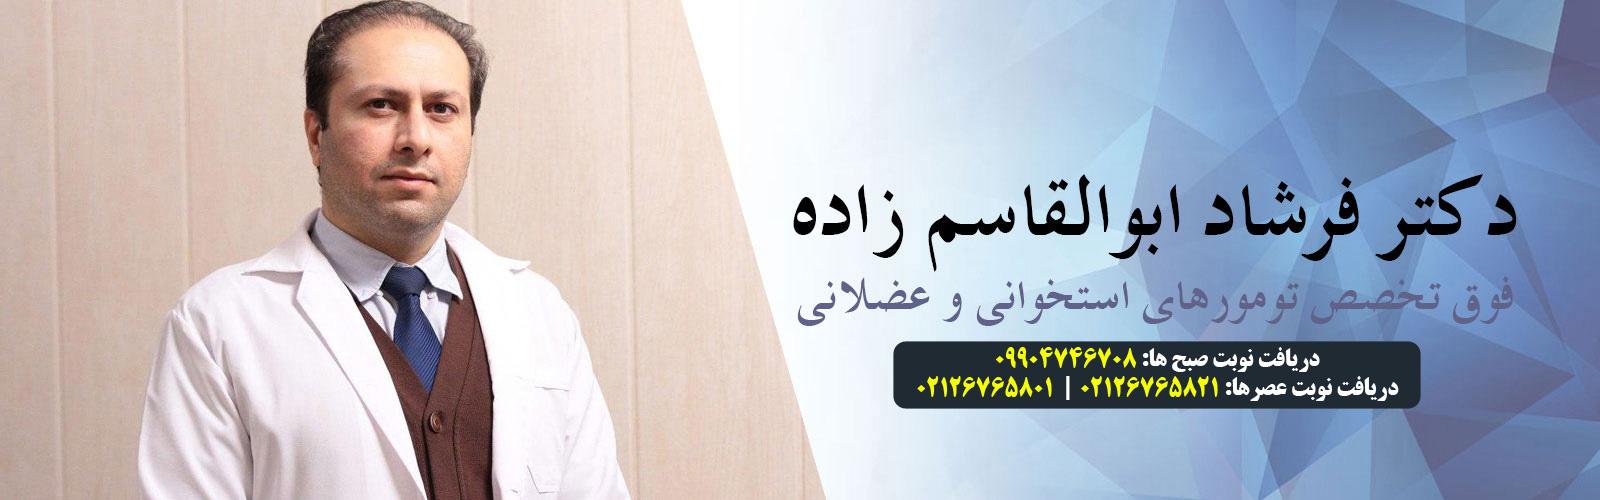 نوبت آنلاین دکتر فرشاد ابوالقاسم زاده